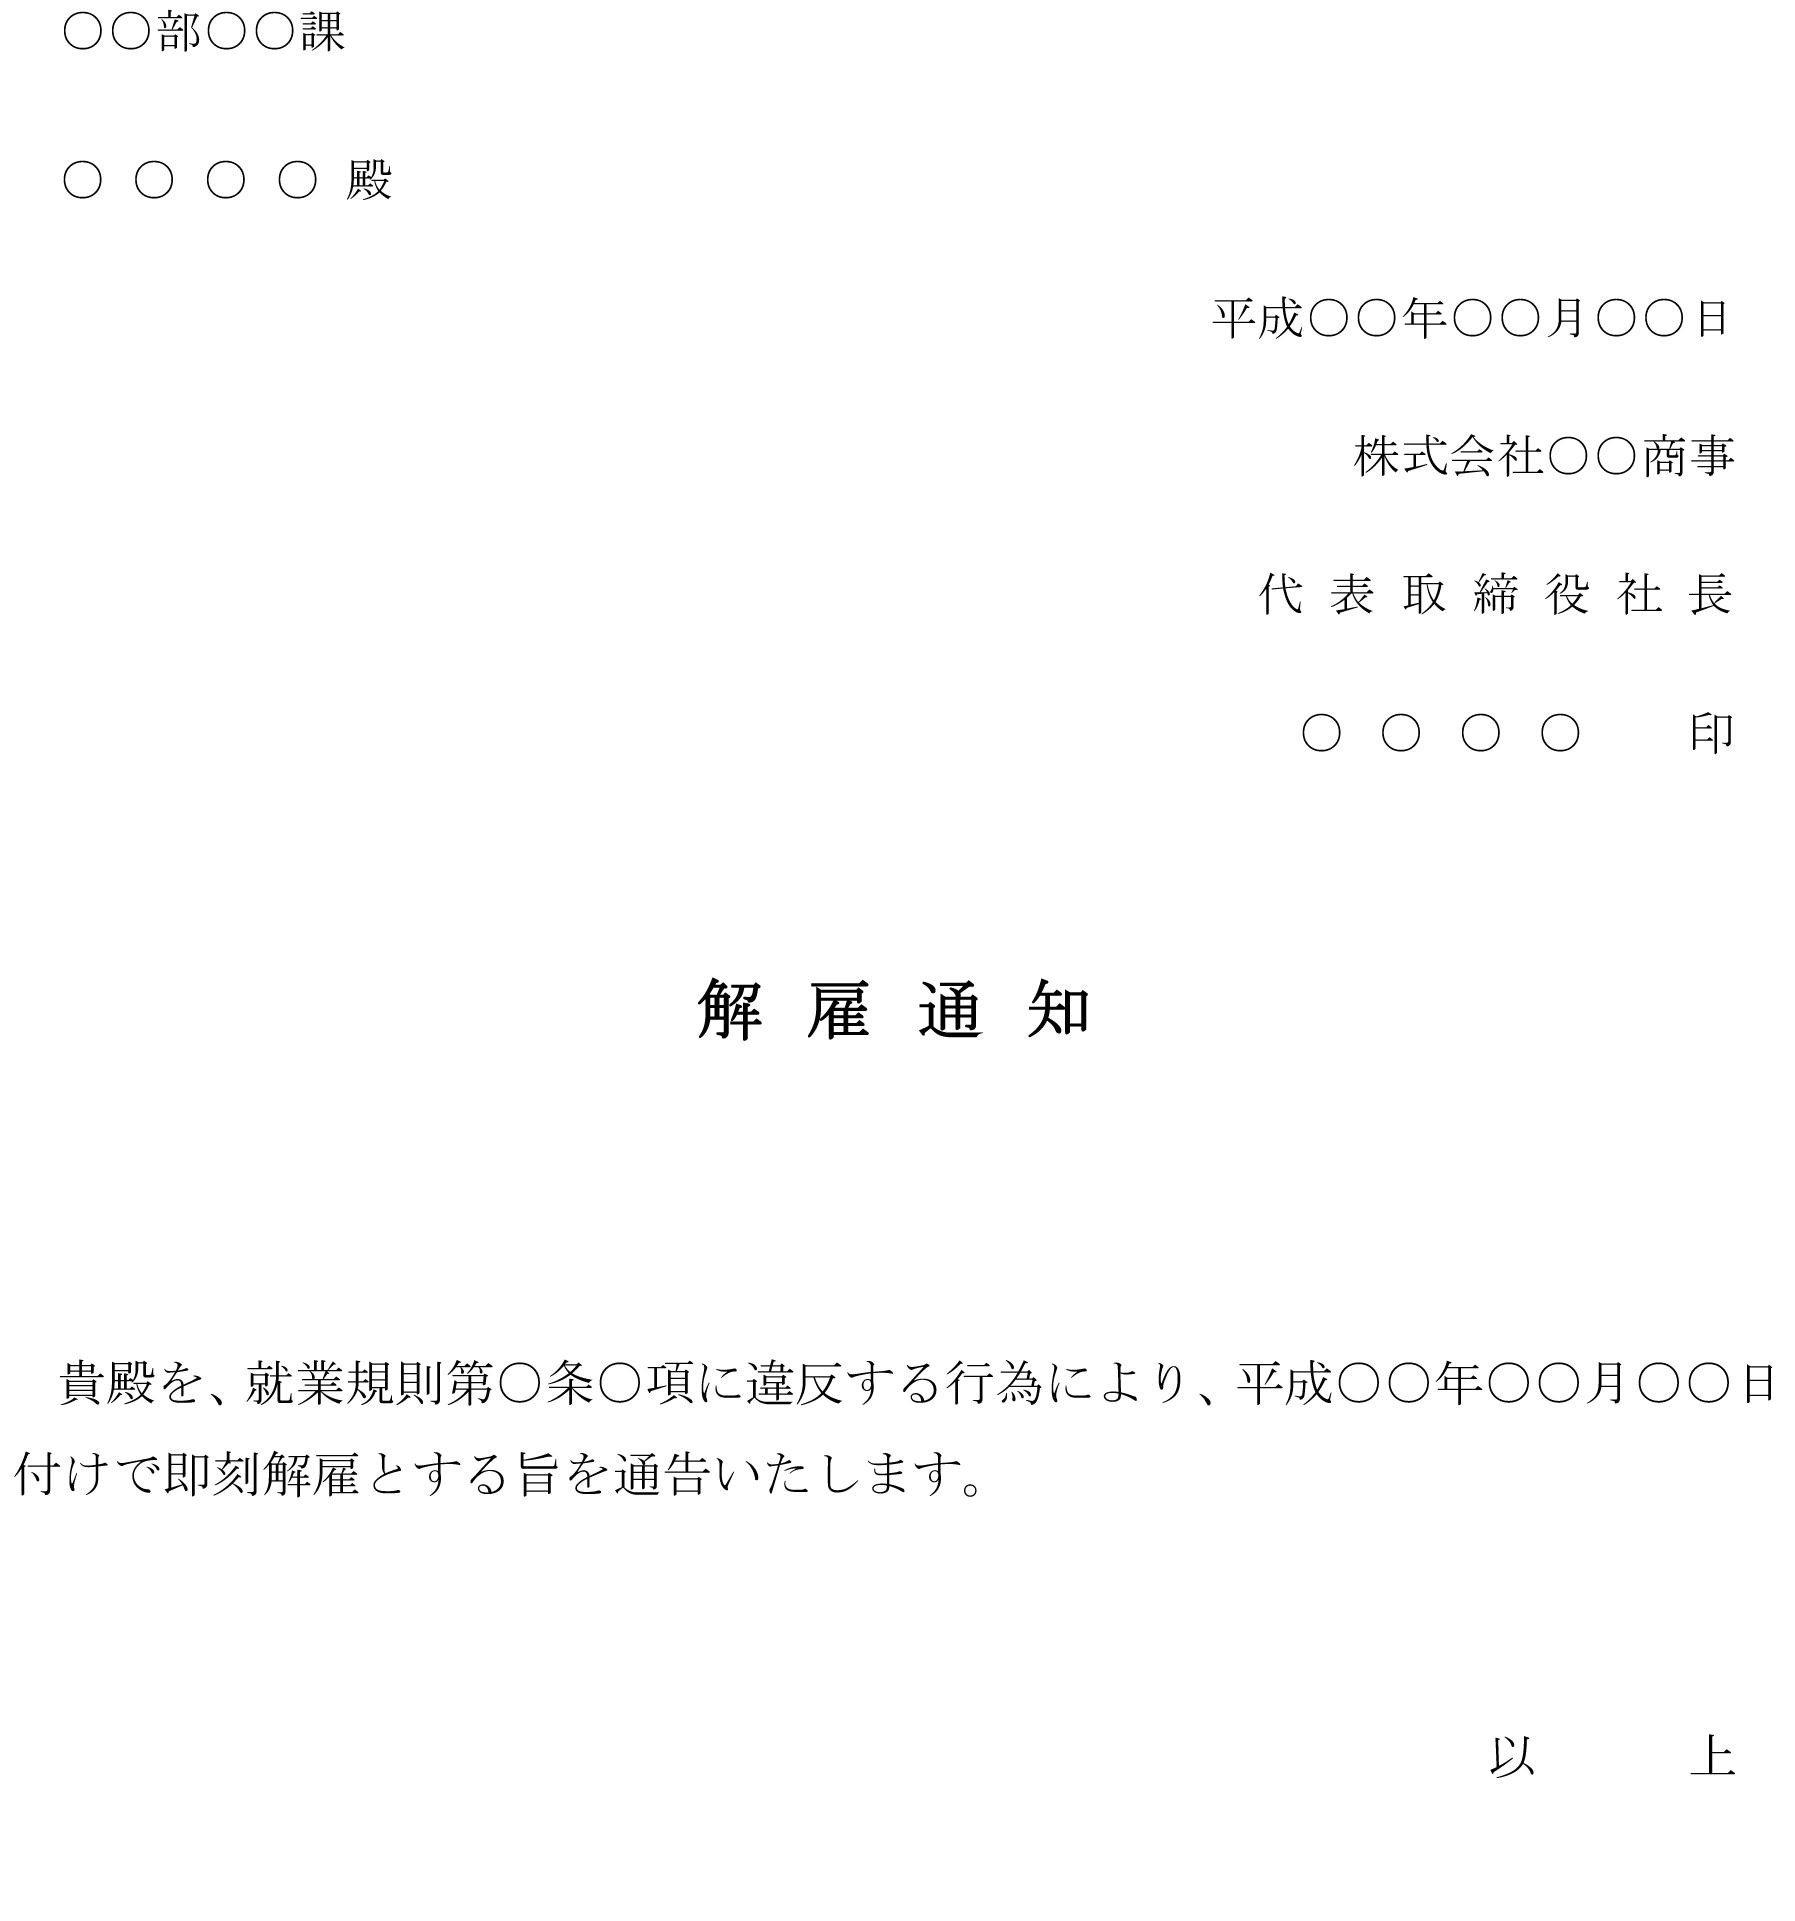 解雇通知01